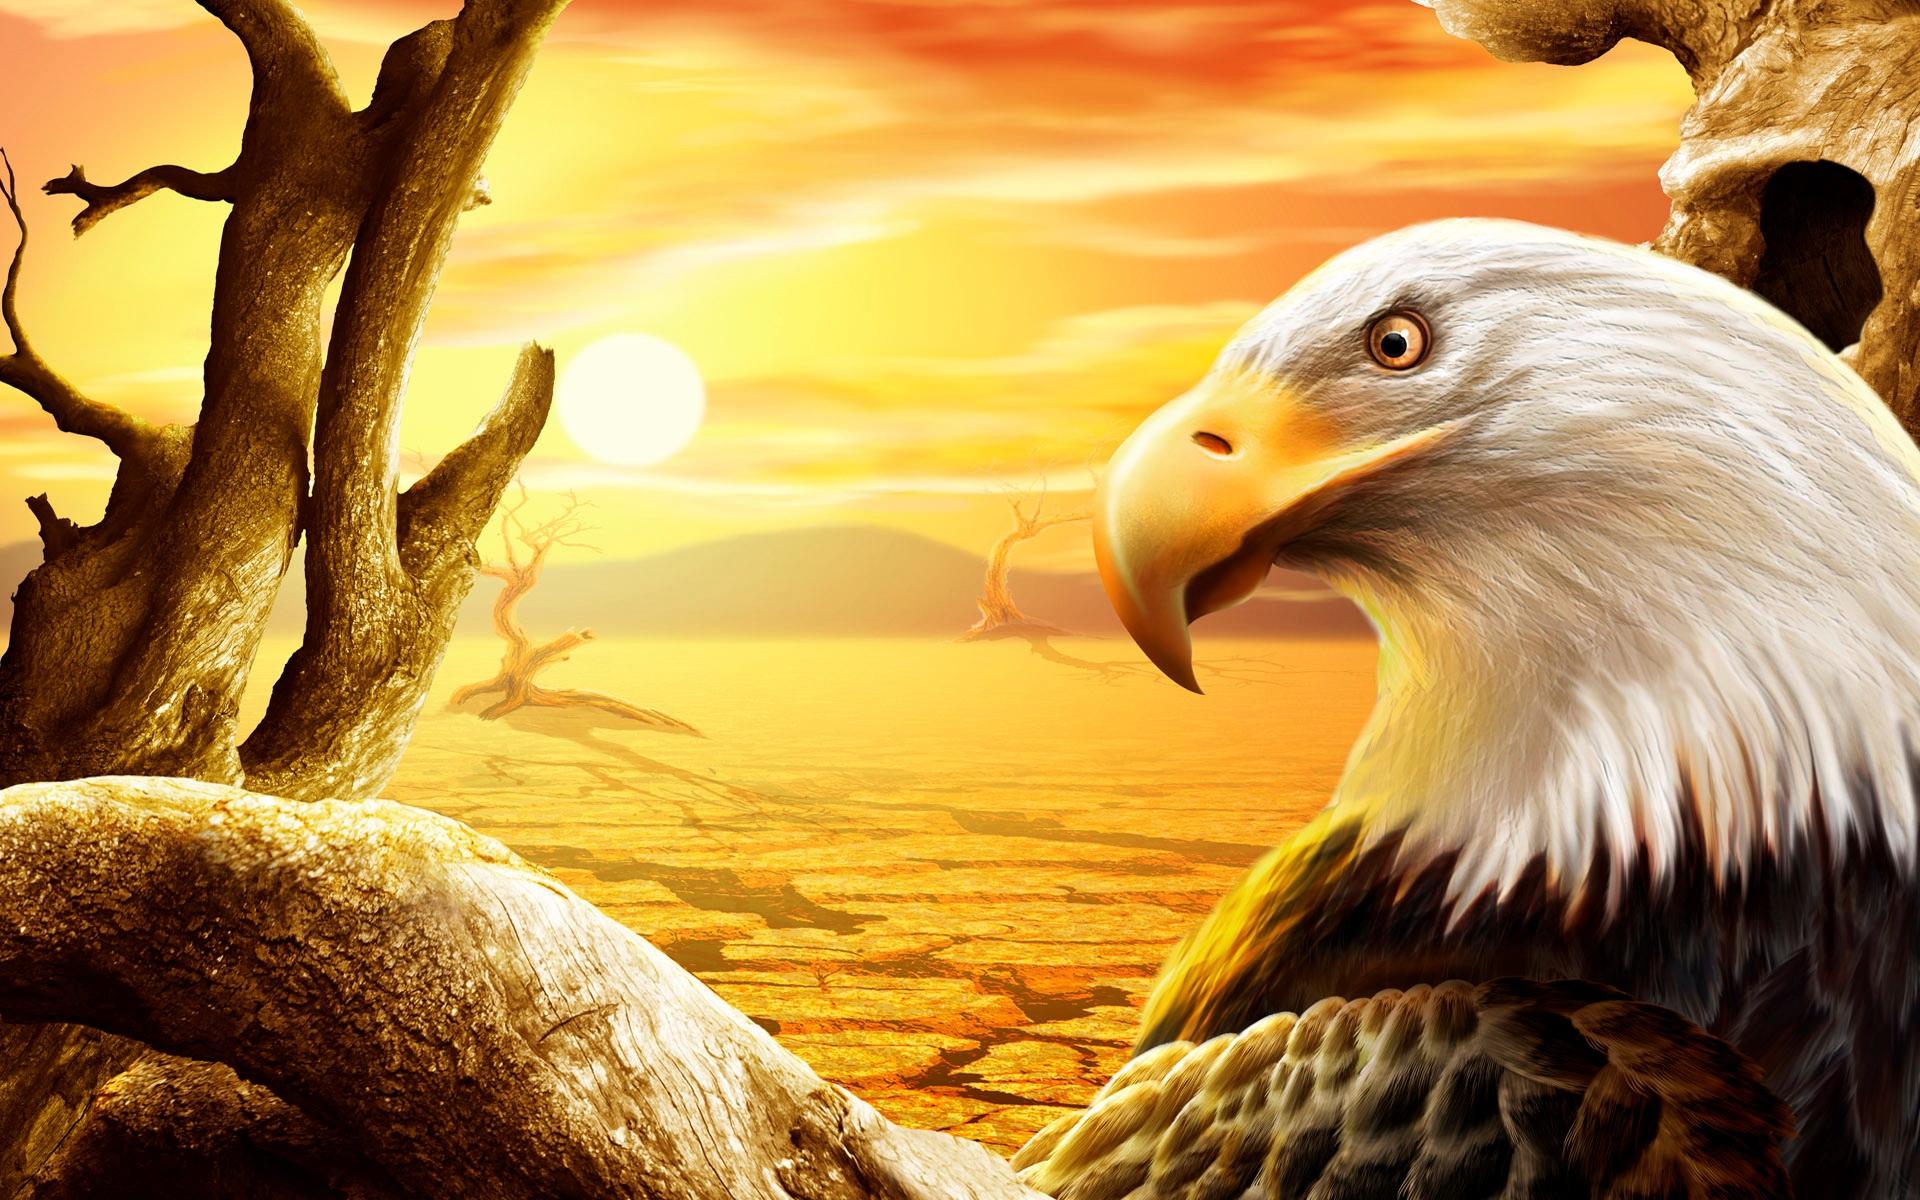 eagle free